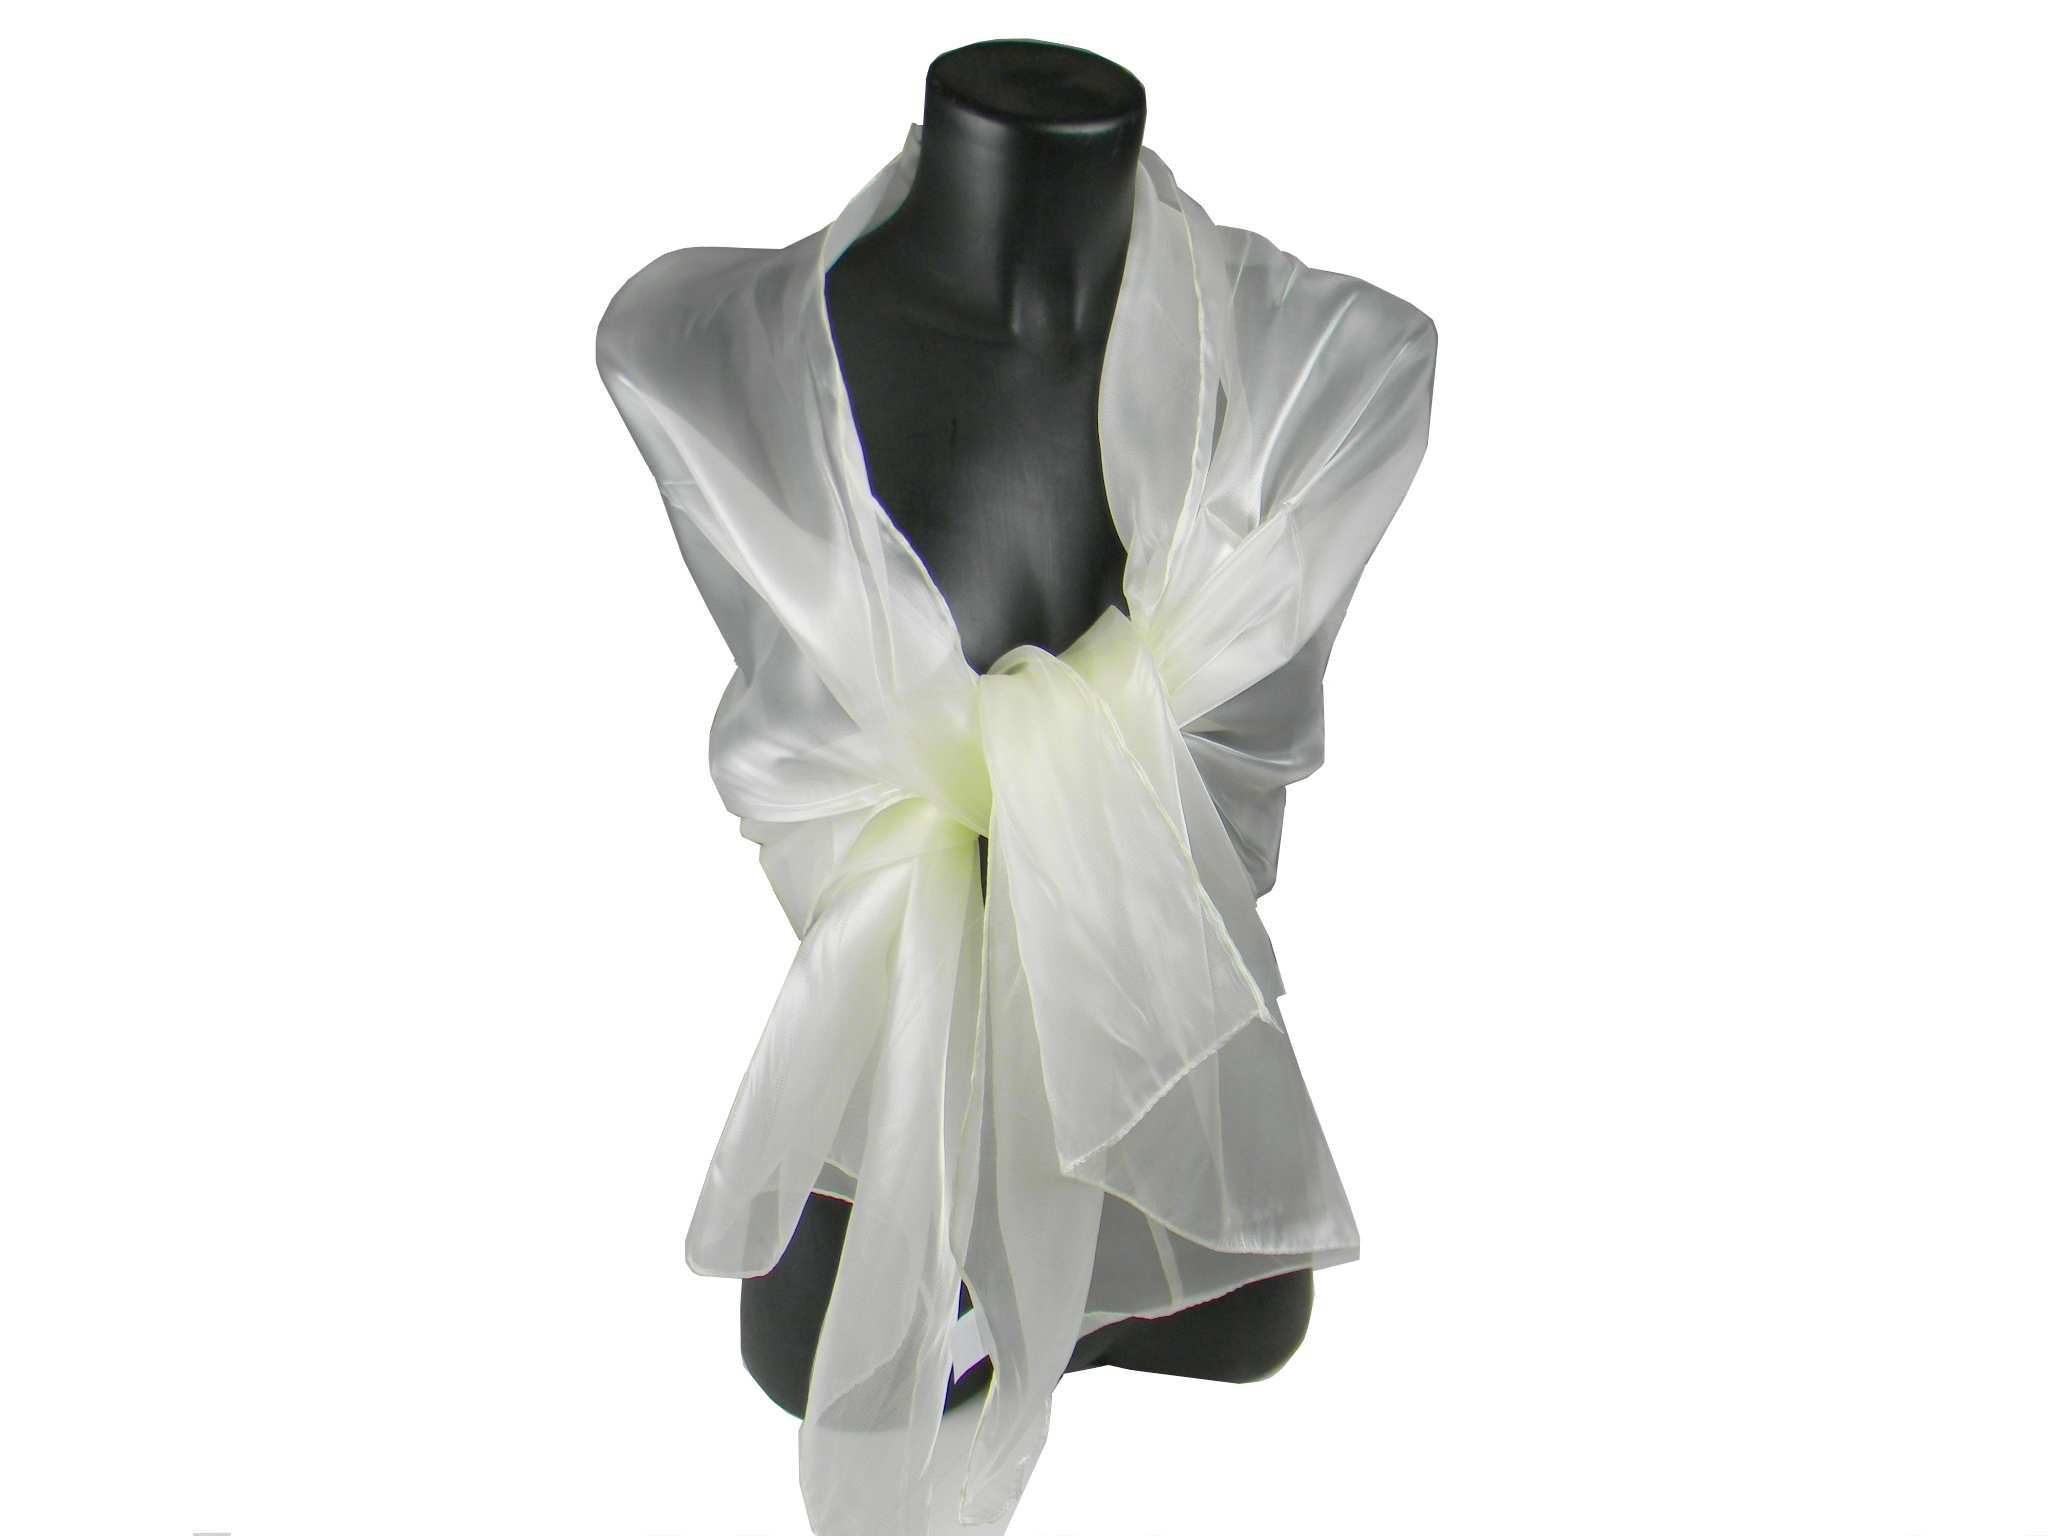 new style d2189 0ea3e Stola donna bianco panna coprispalle in raso lucido seta da ...